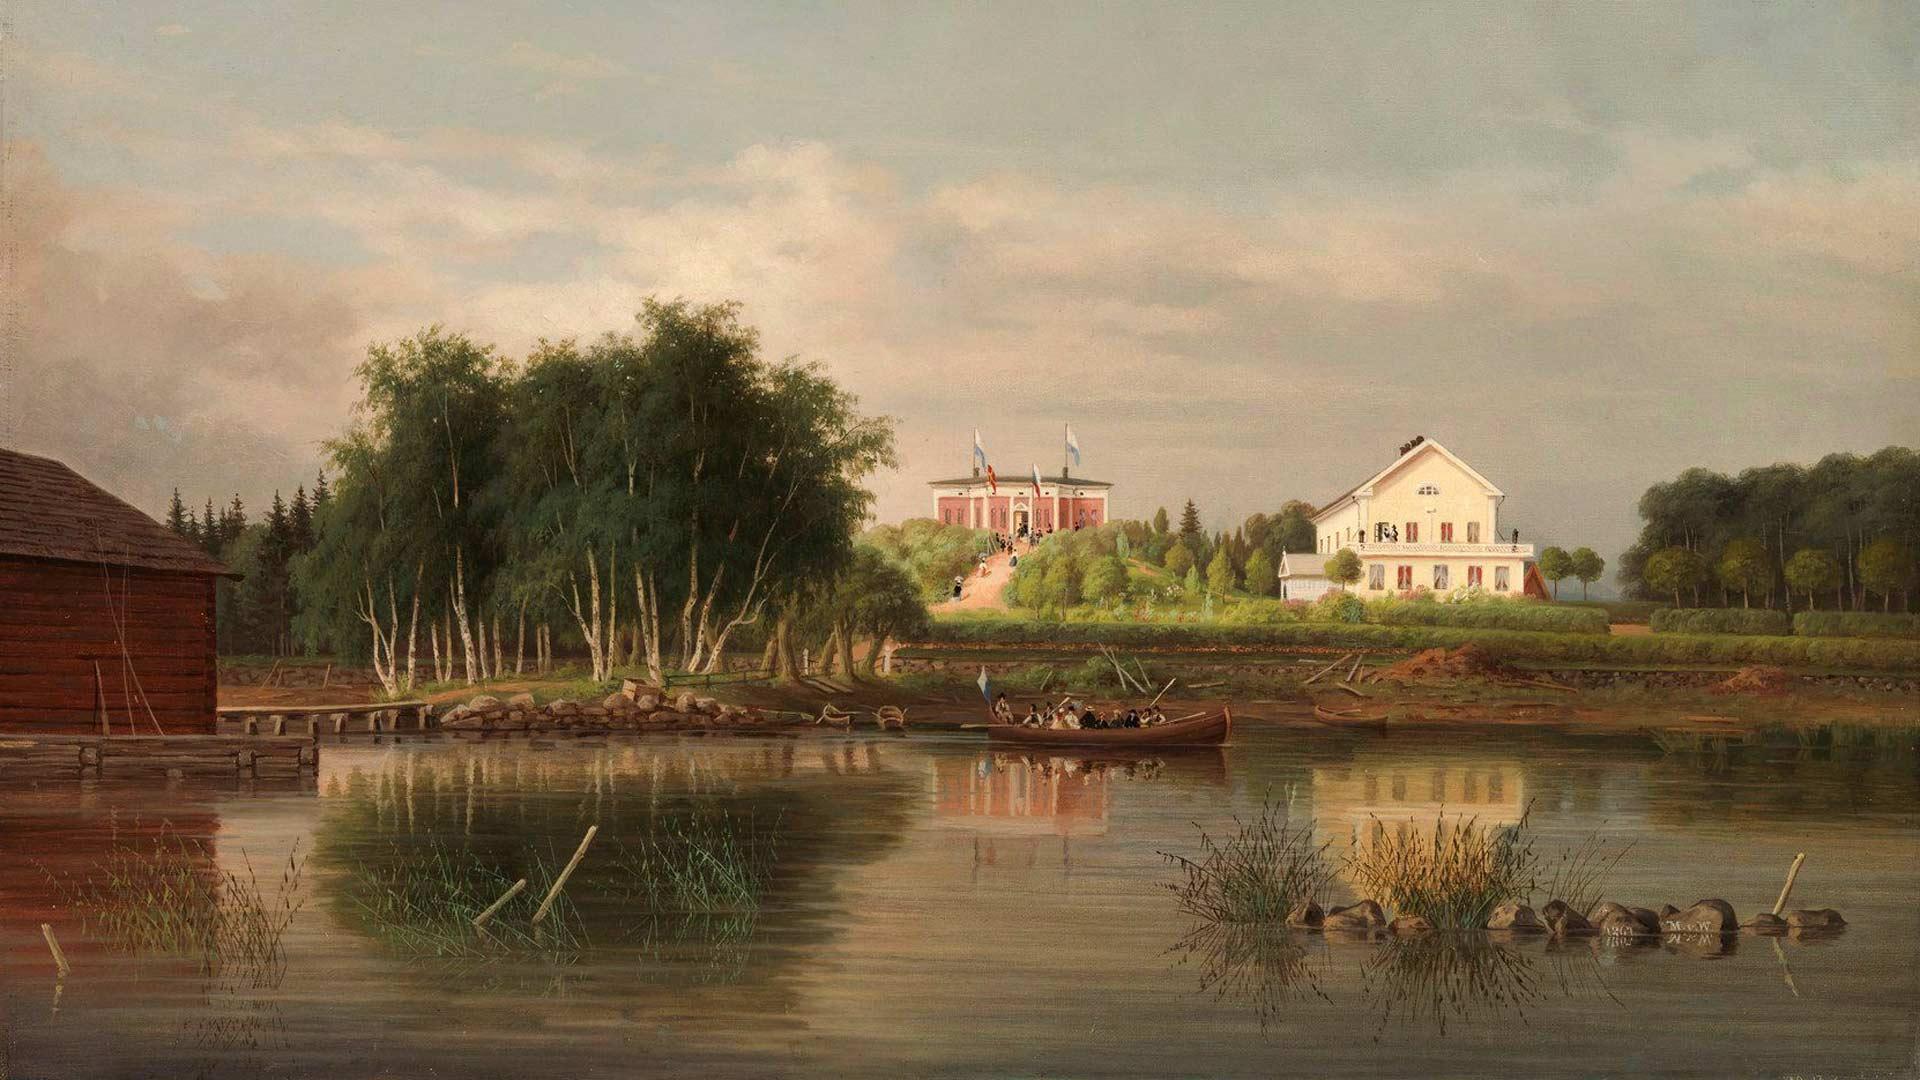 Honkolan kartano Magnus von Wrightin maalaamana.